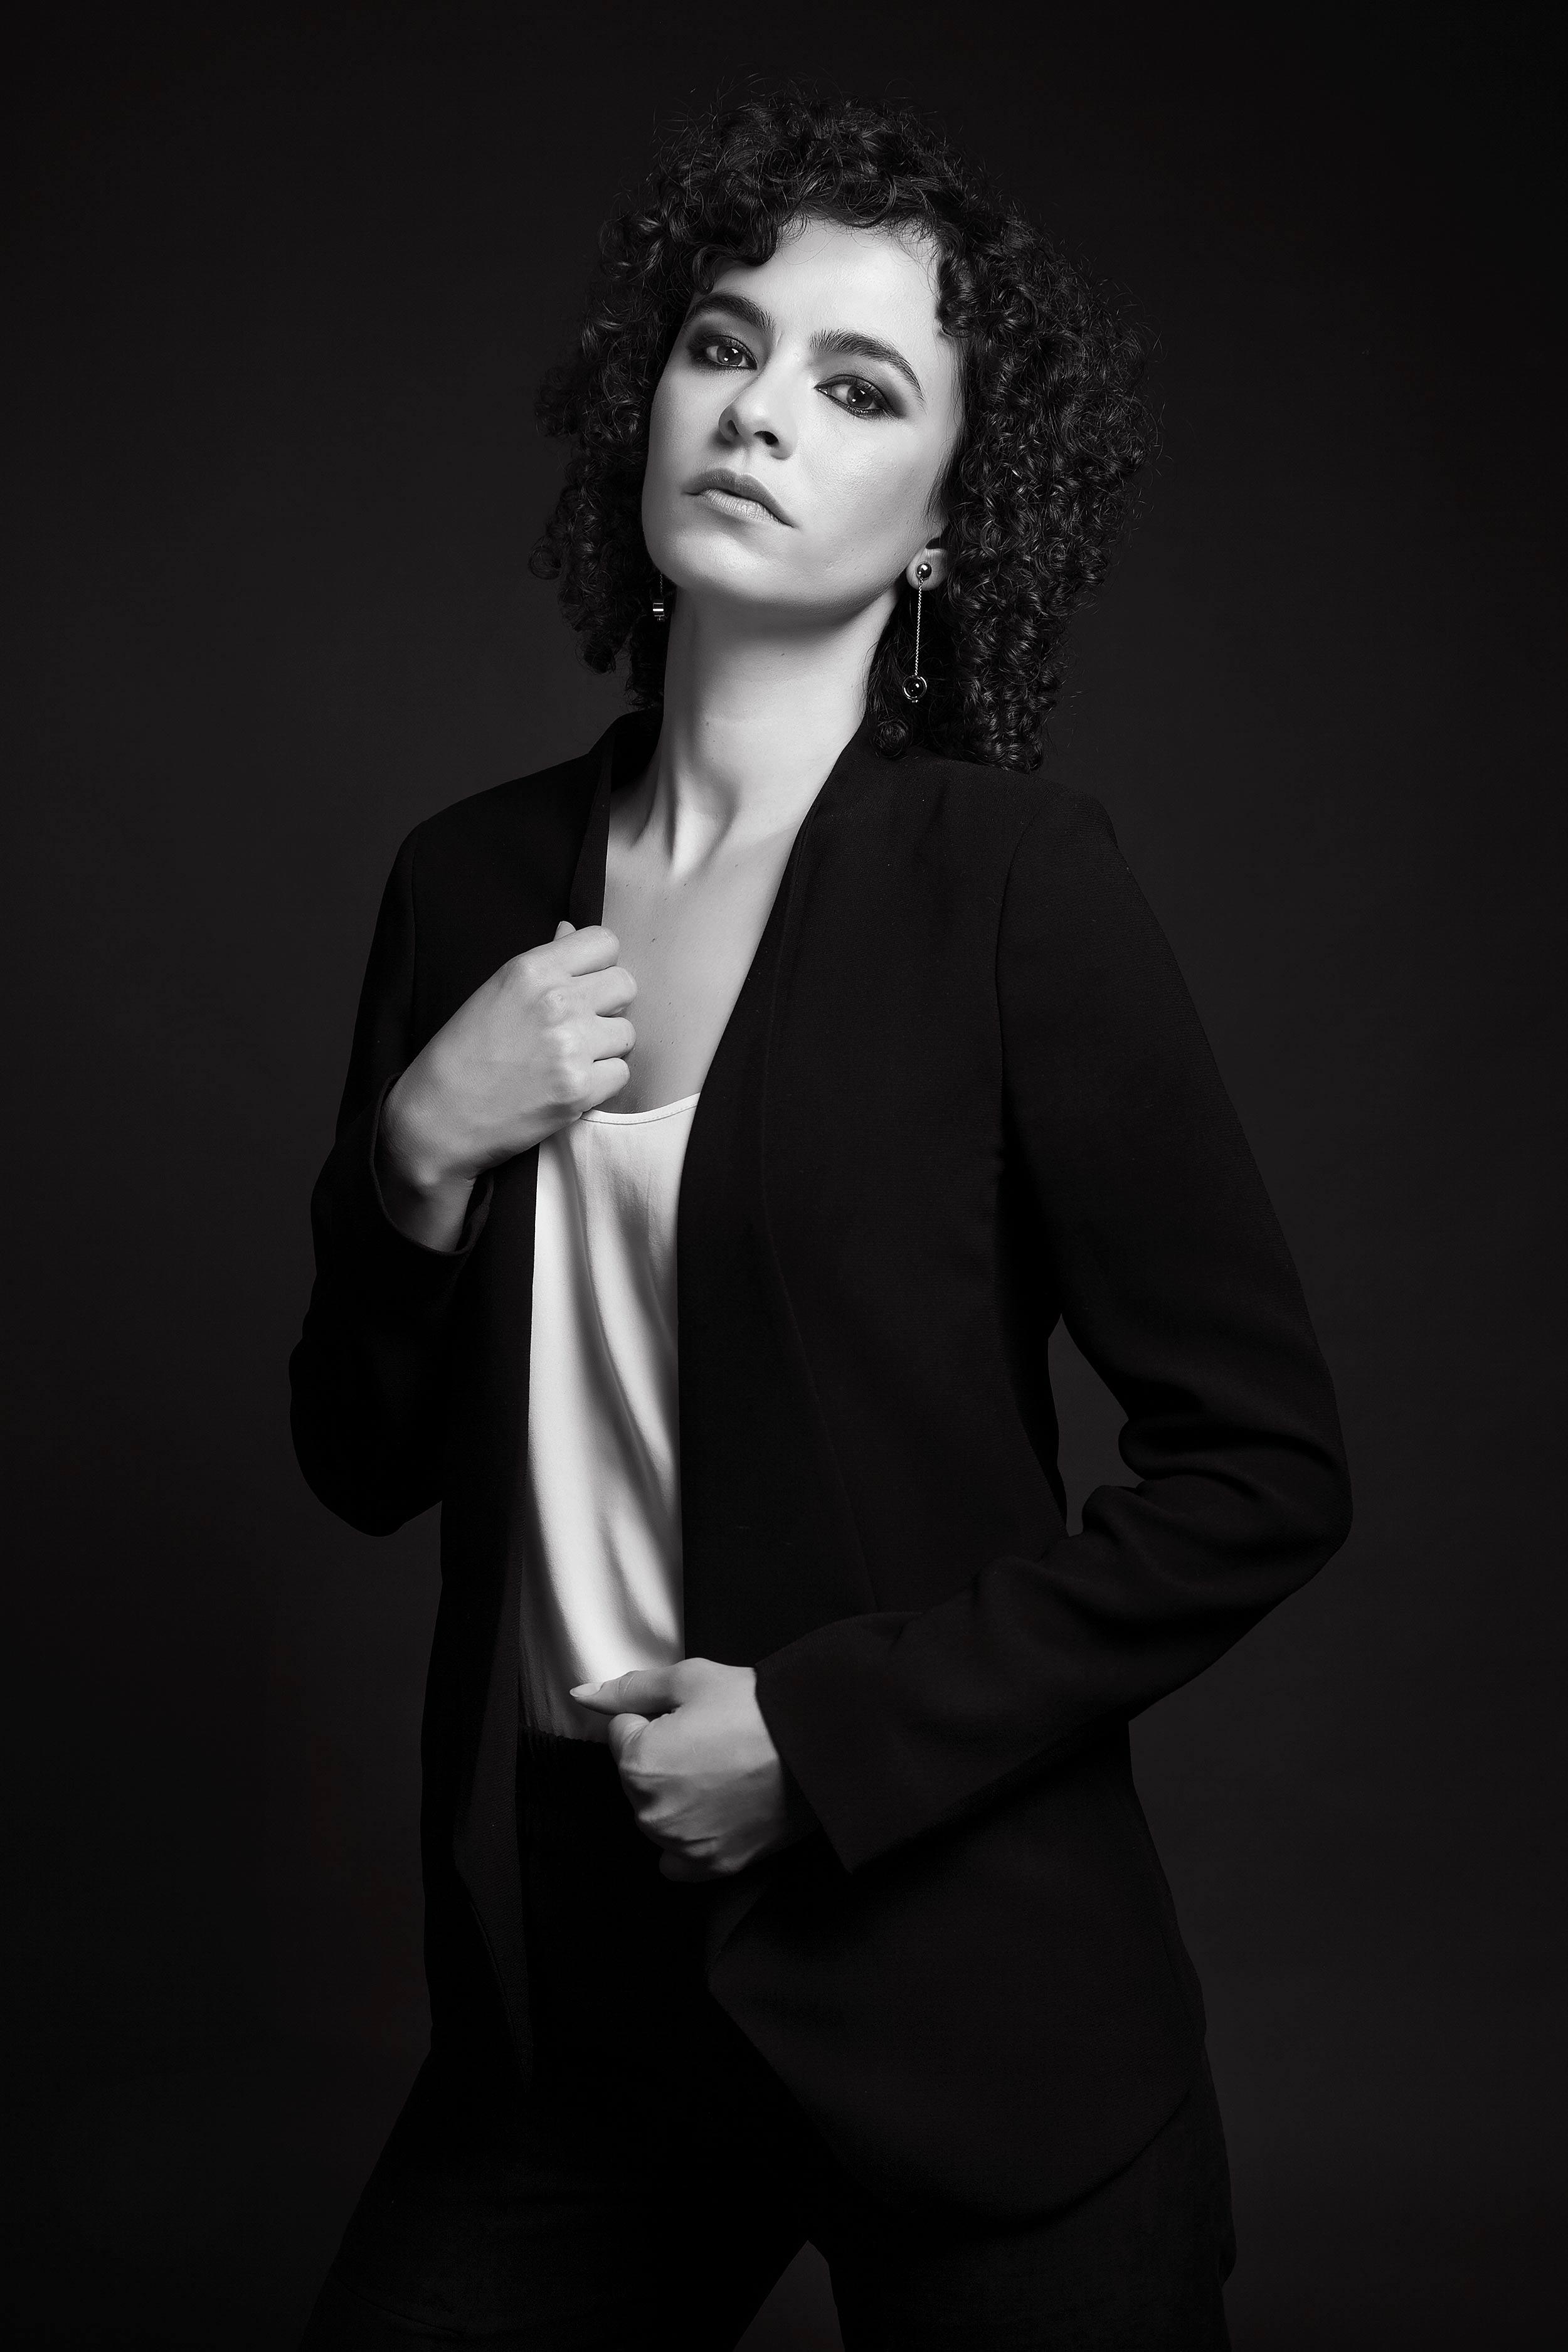 Mariana Magnavita singer